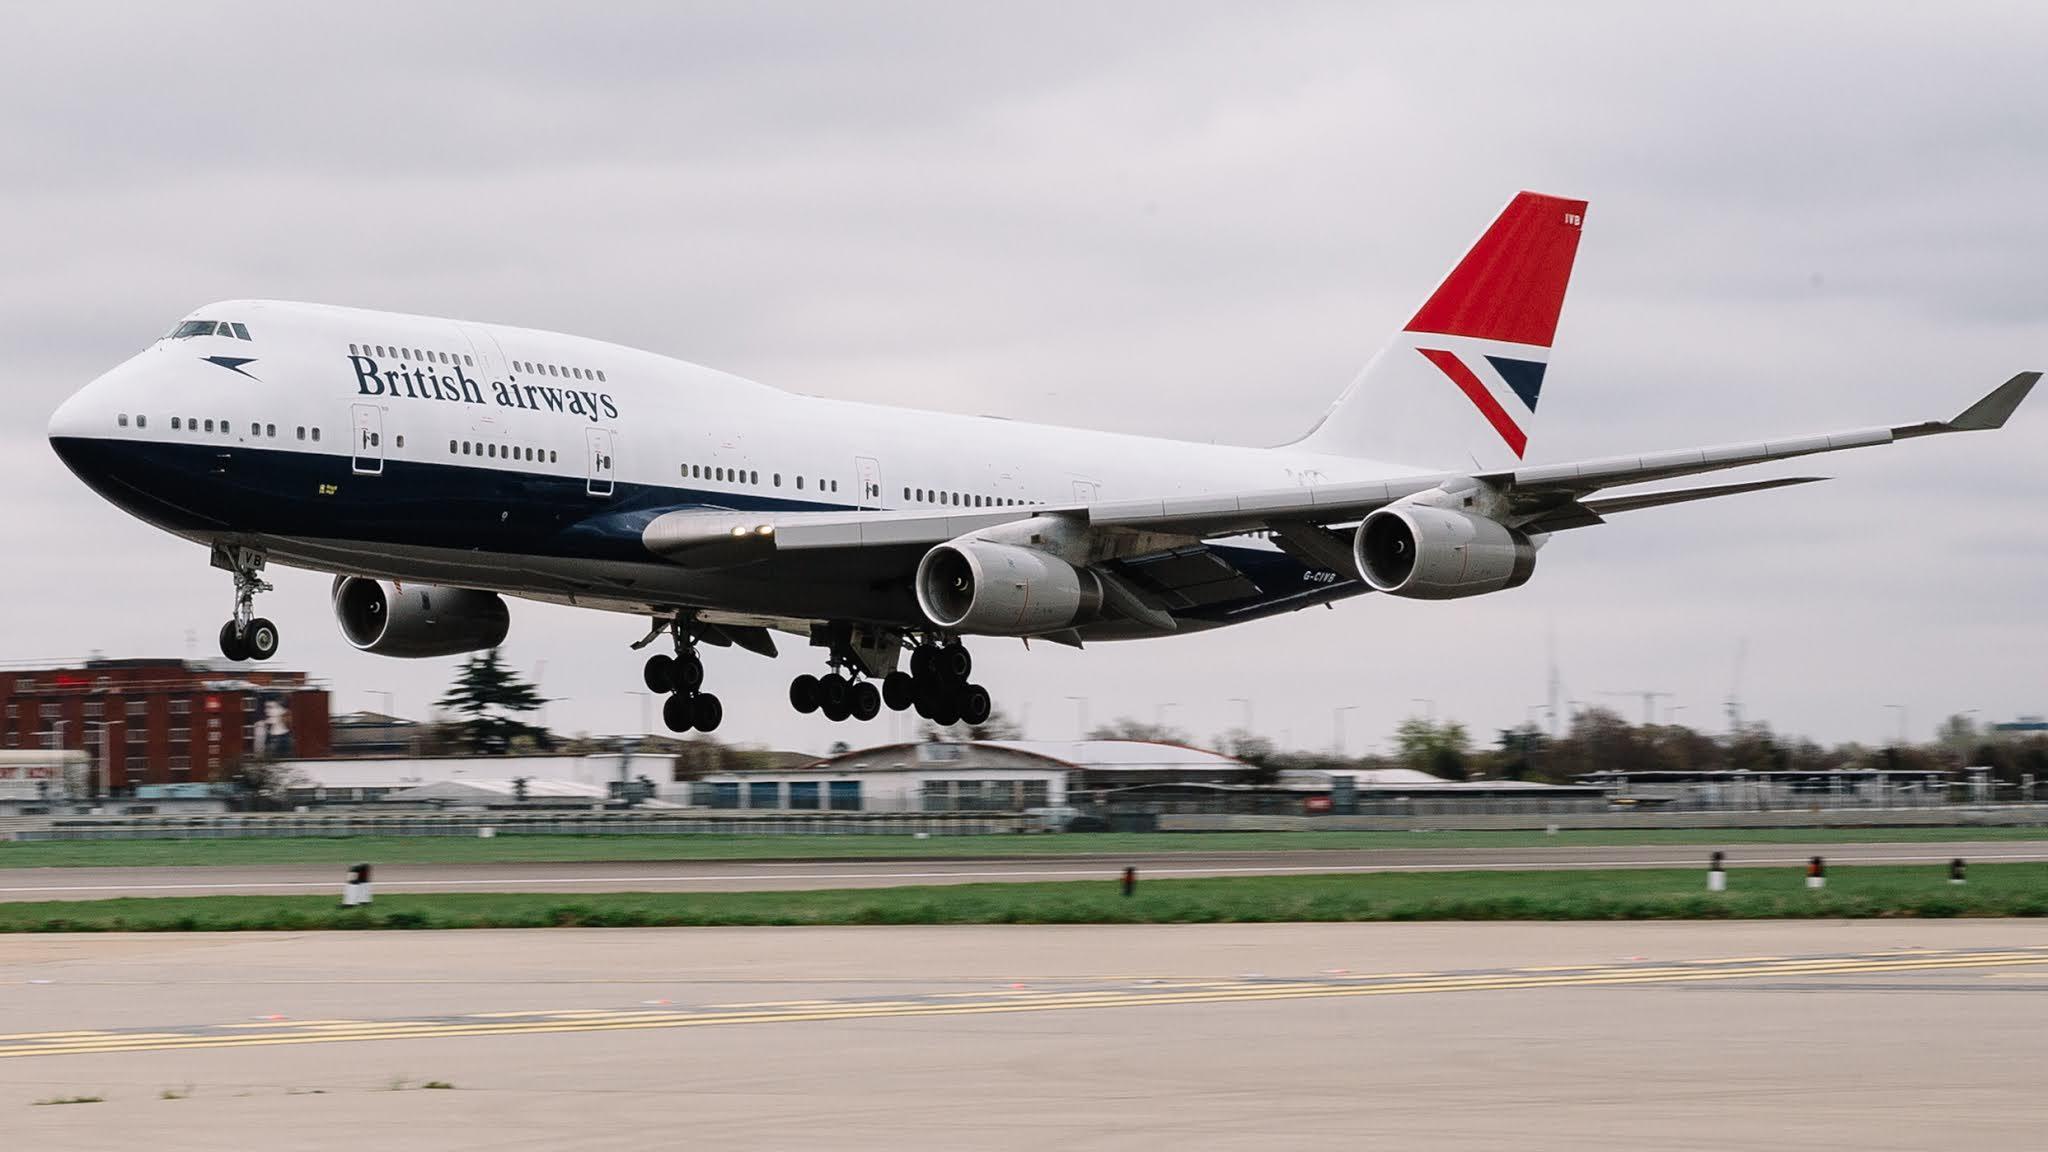 Ultimo Boeing 747 da British Airways decola nesta manhã (dia 8) de Londres – Heathrow para ser aposentado | É MAIS QUE VOAR